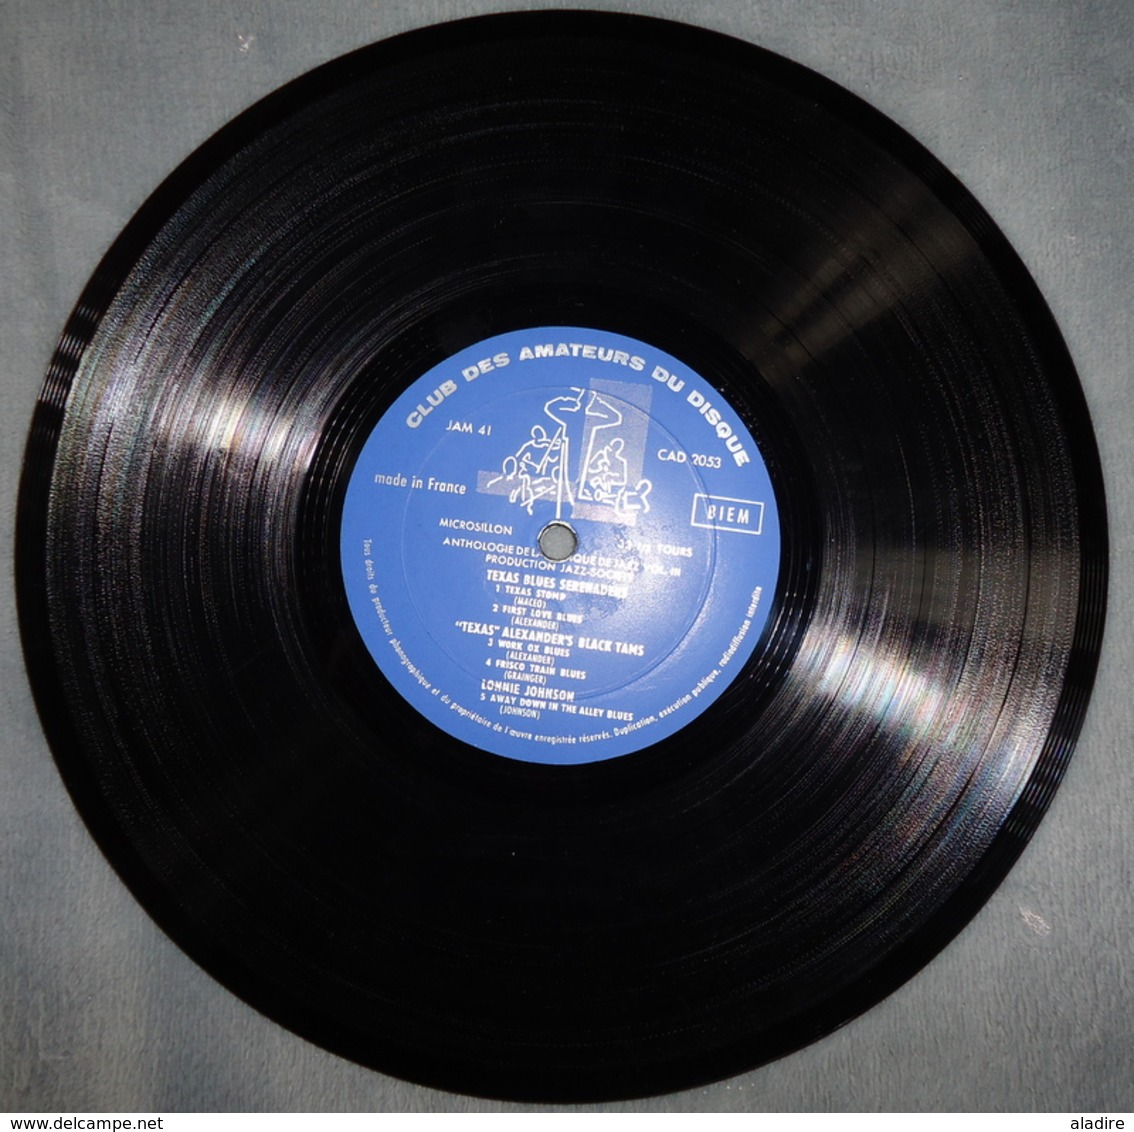 A REAL BLUES ALBUM -  Texas Blues Serenaders... Panorama Du Jazz - Club Des Amateurs Du Disque - Années 1950 - Jazz